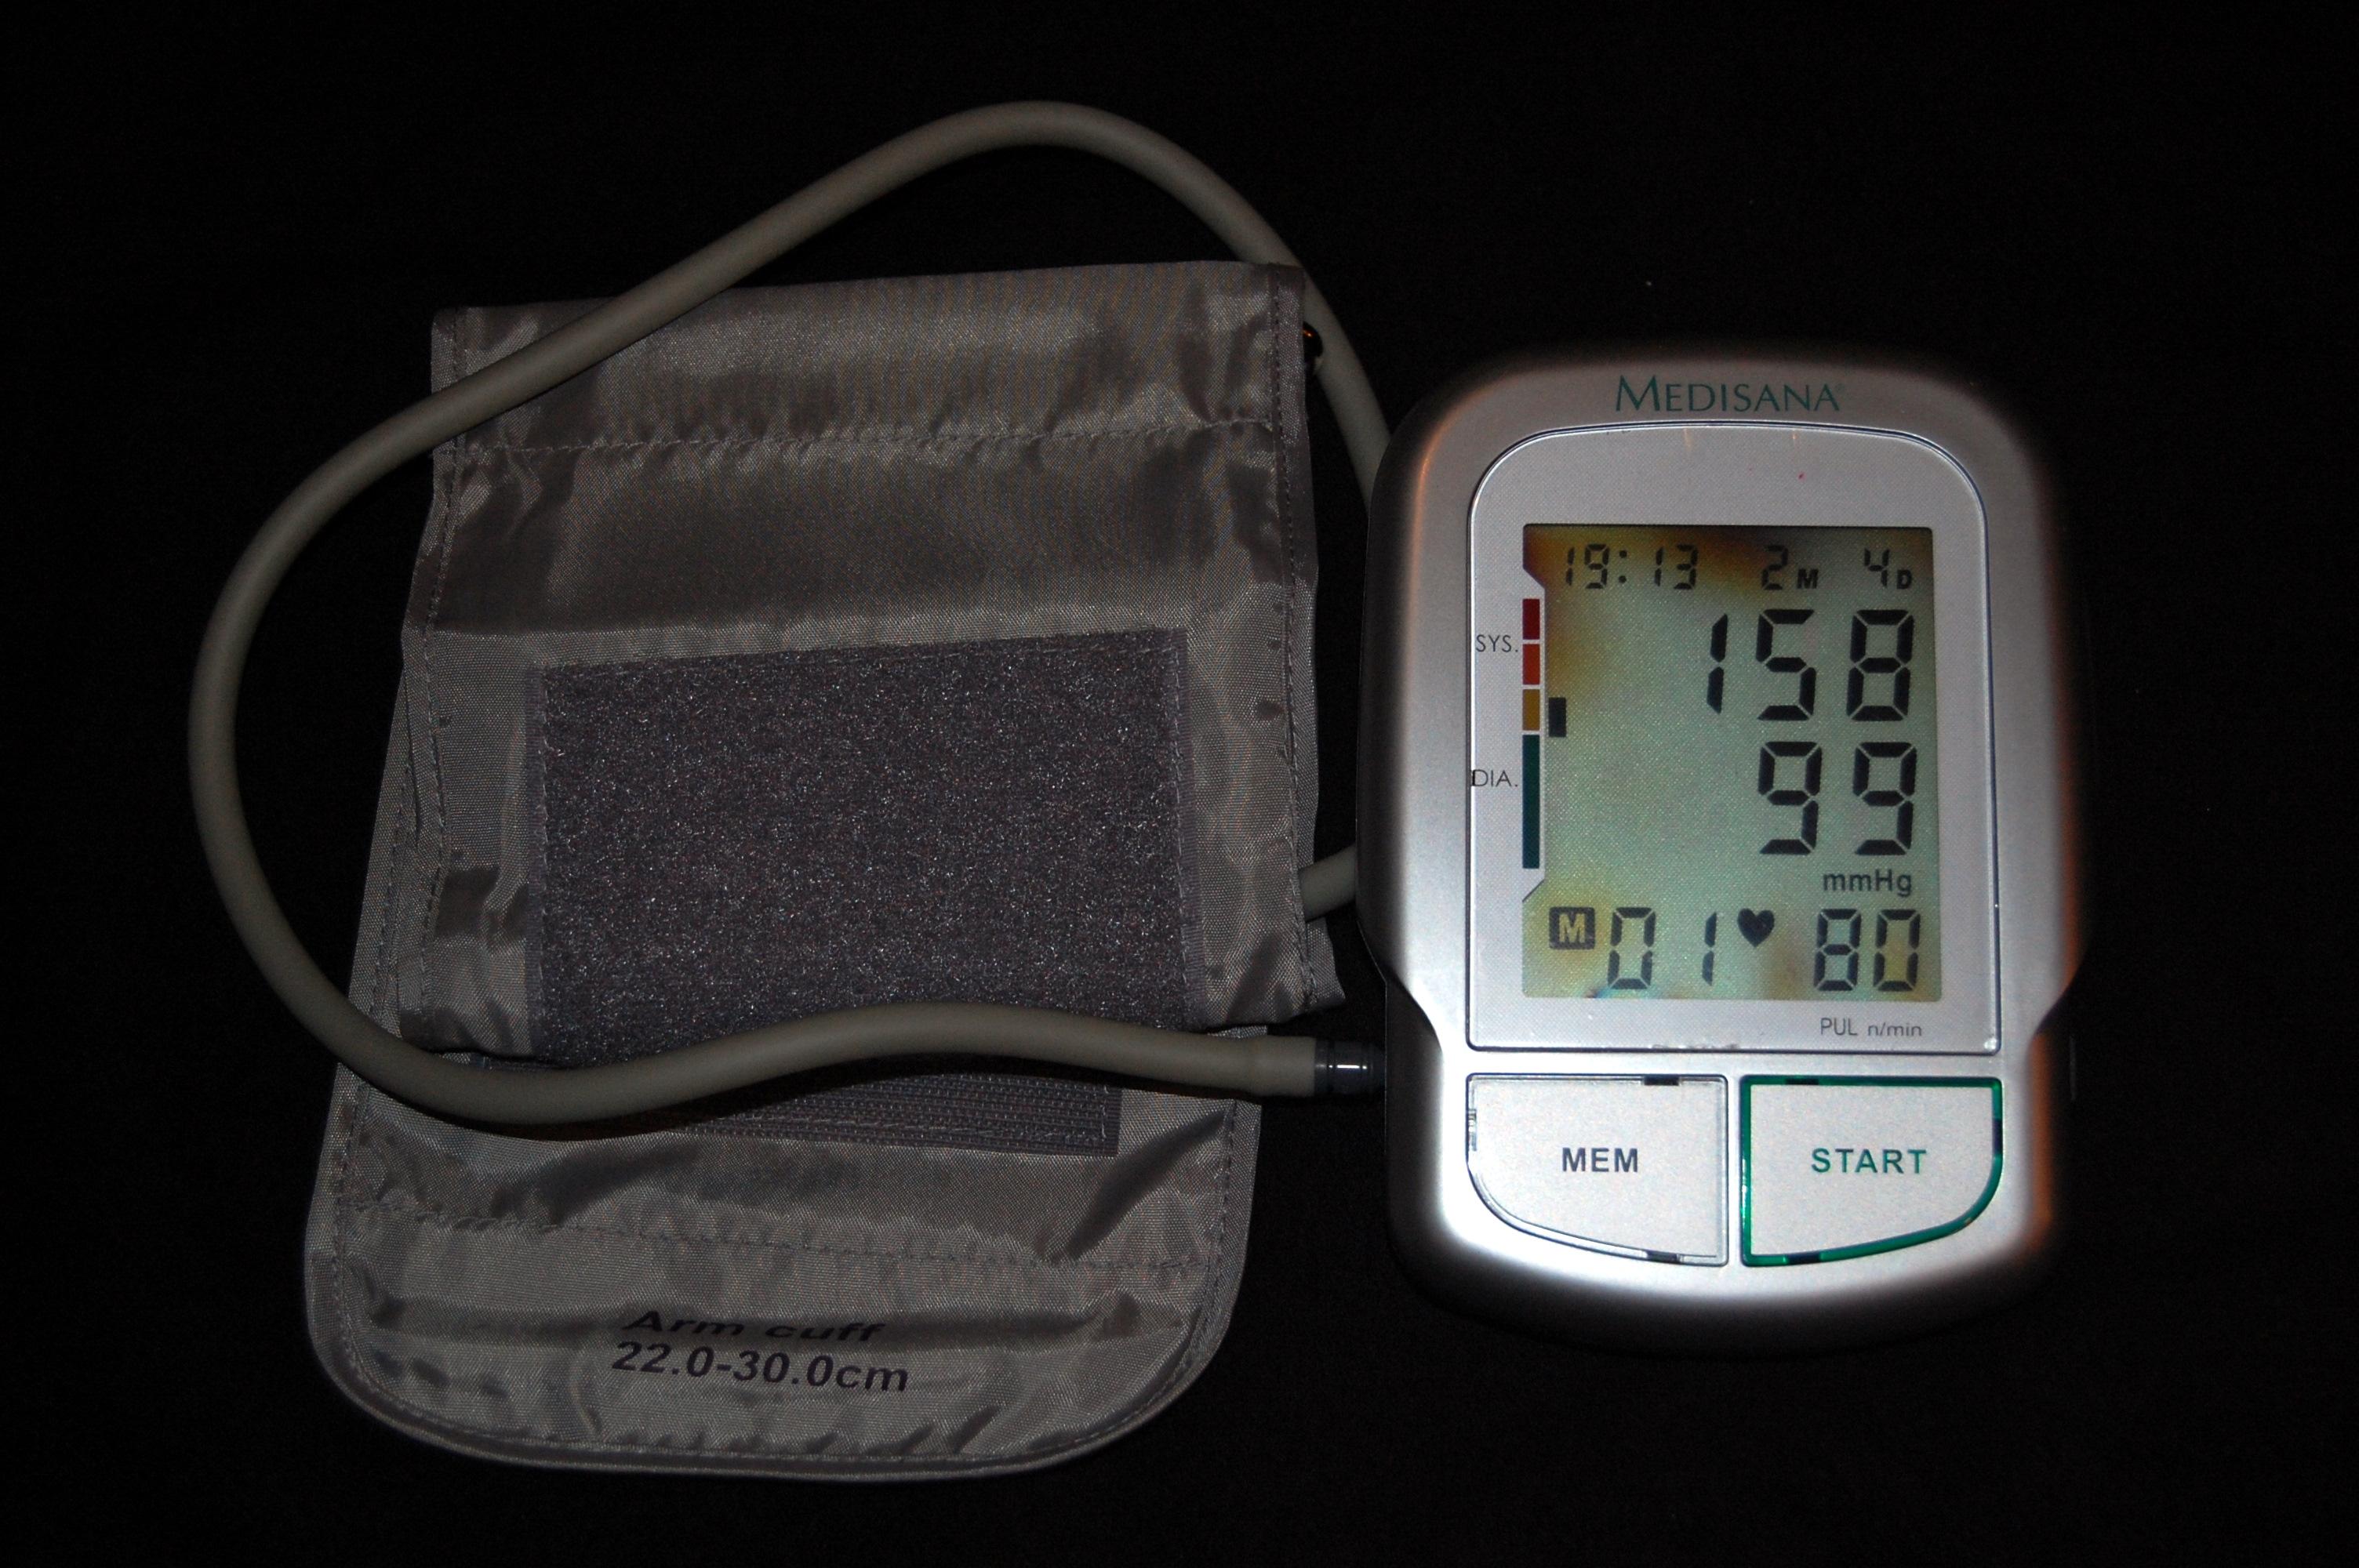 visoki krvni tlak u glavi